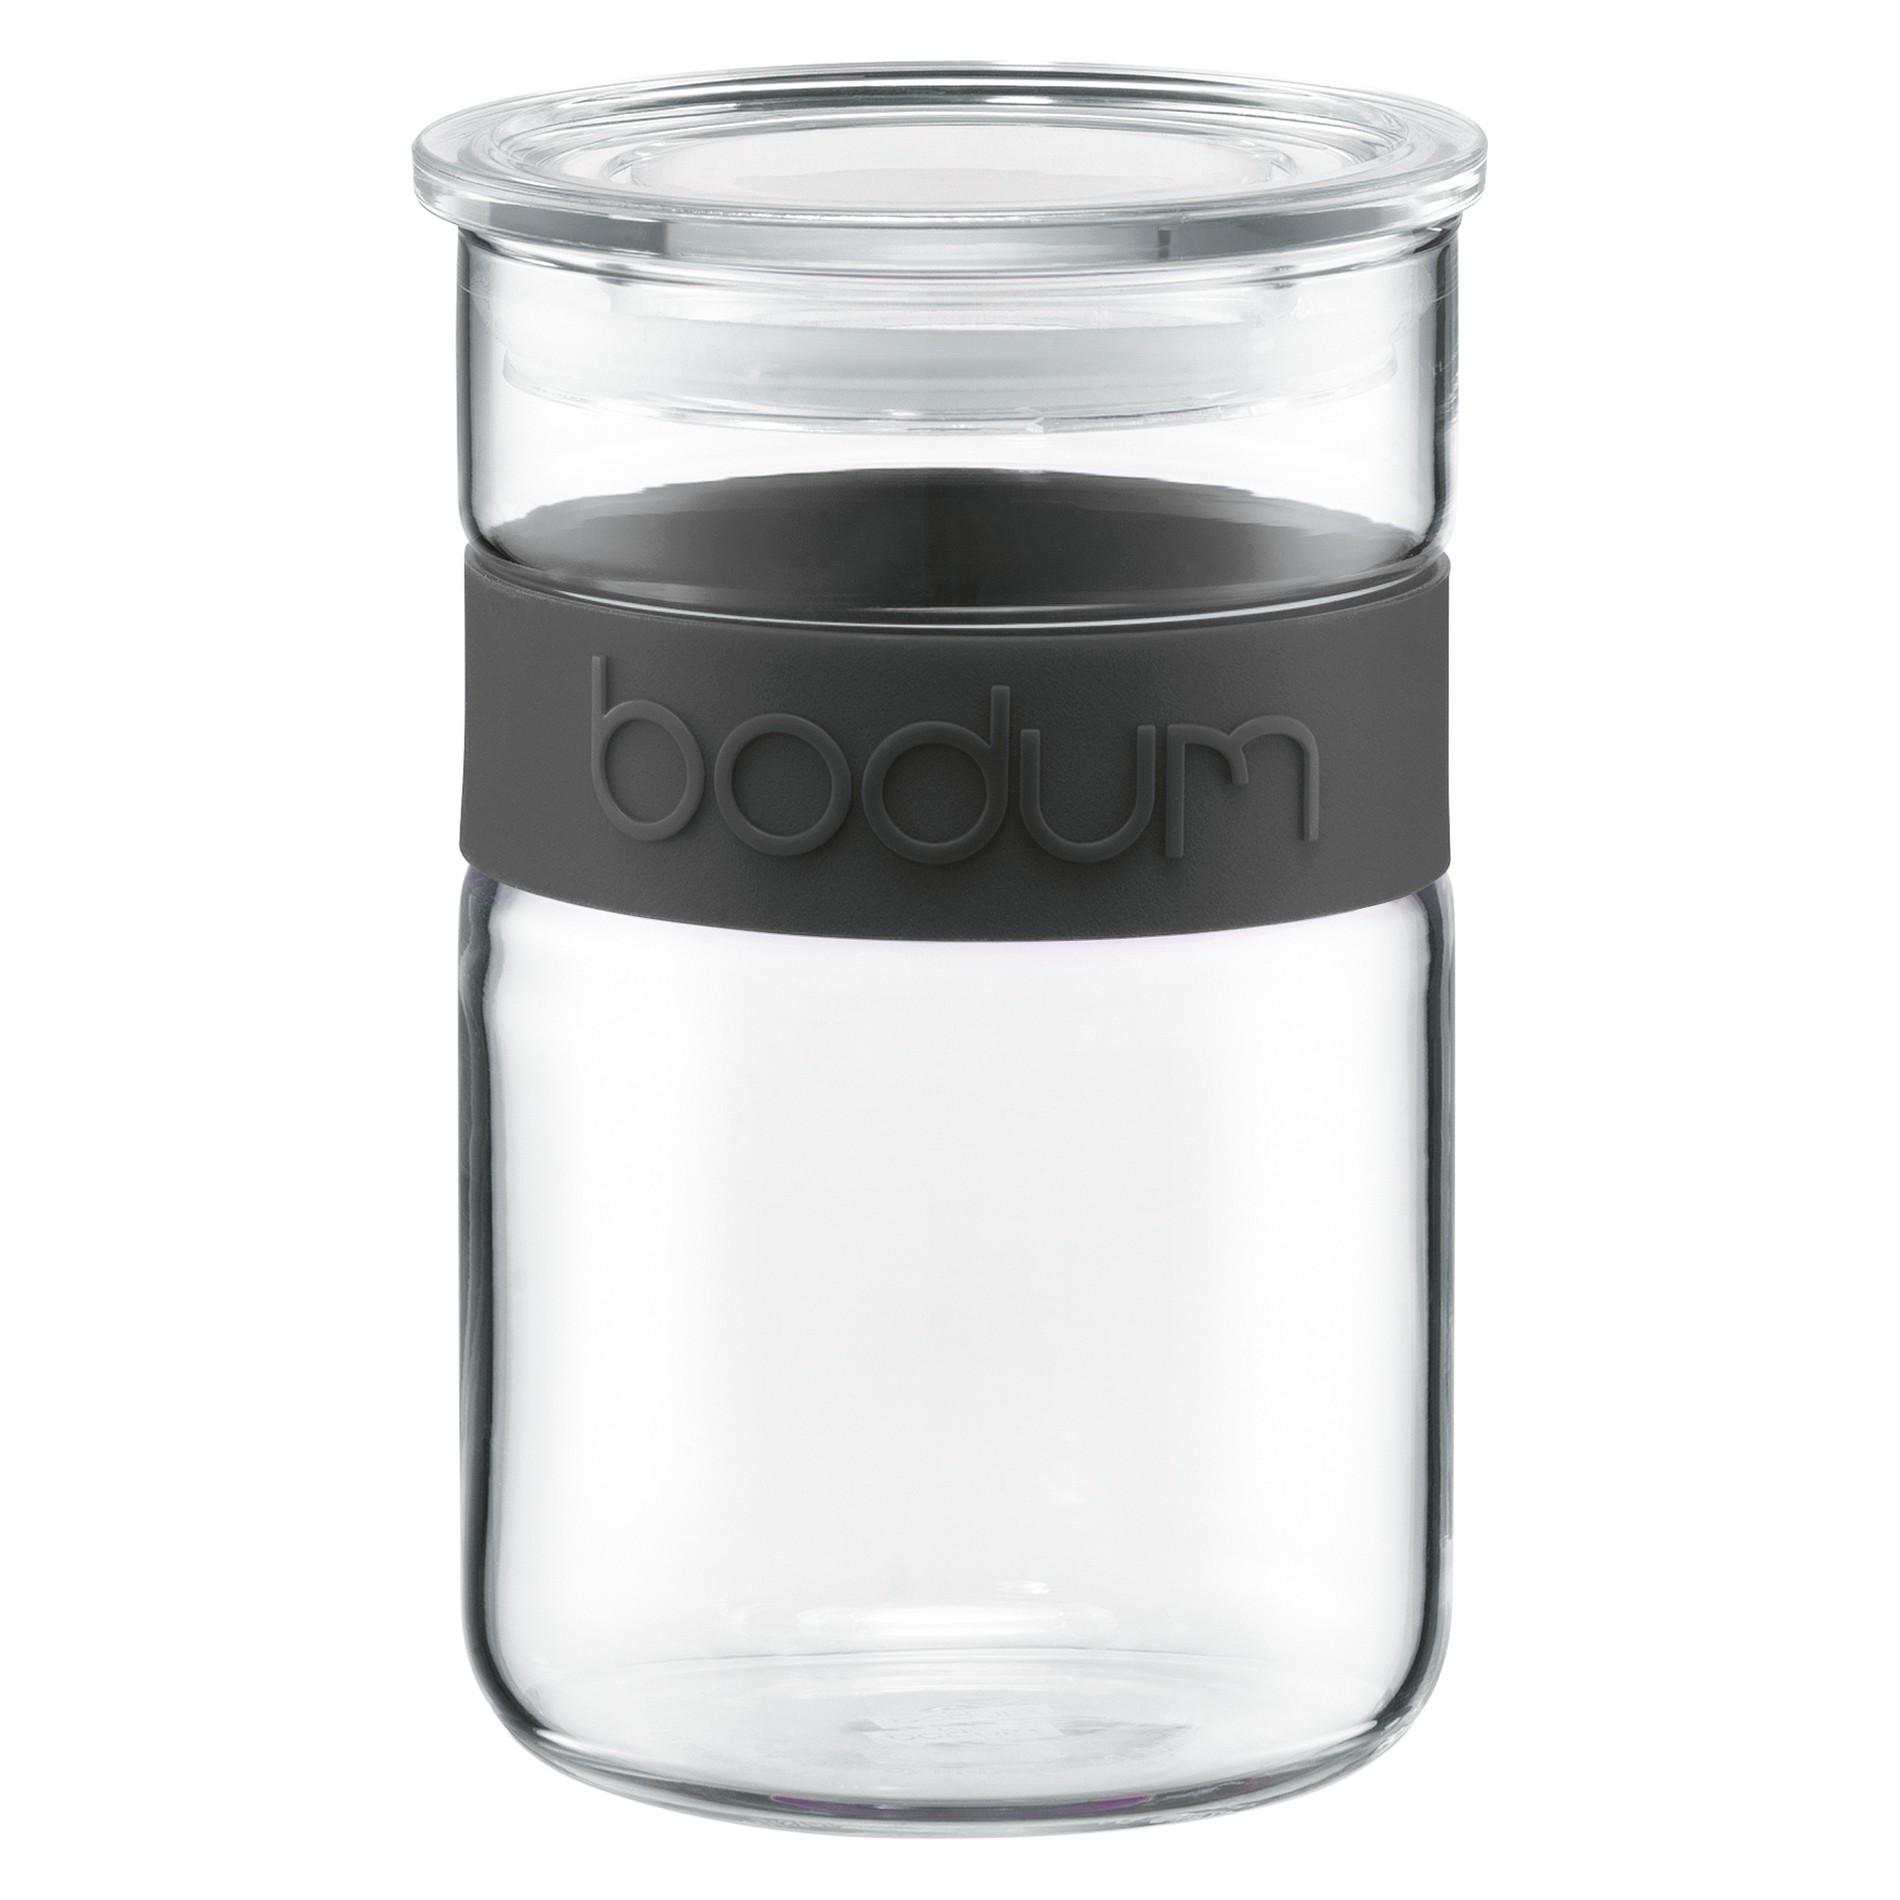 βάζο bodum γυάλινο μαύρο 0,6 lit home   ειδη cafe τσαϊ   δοχεία καφε   ζάχαρης